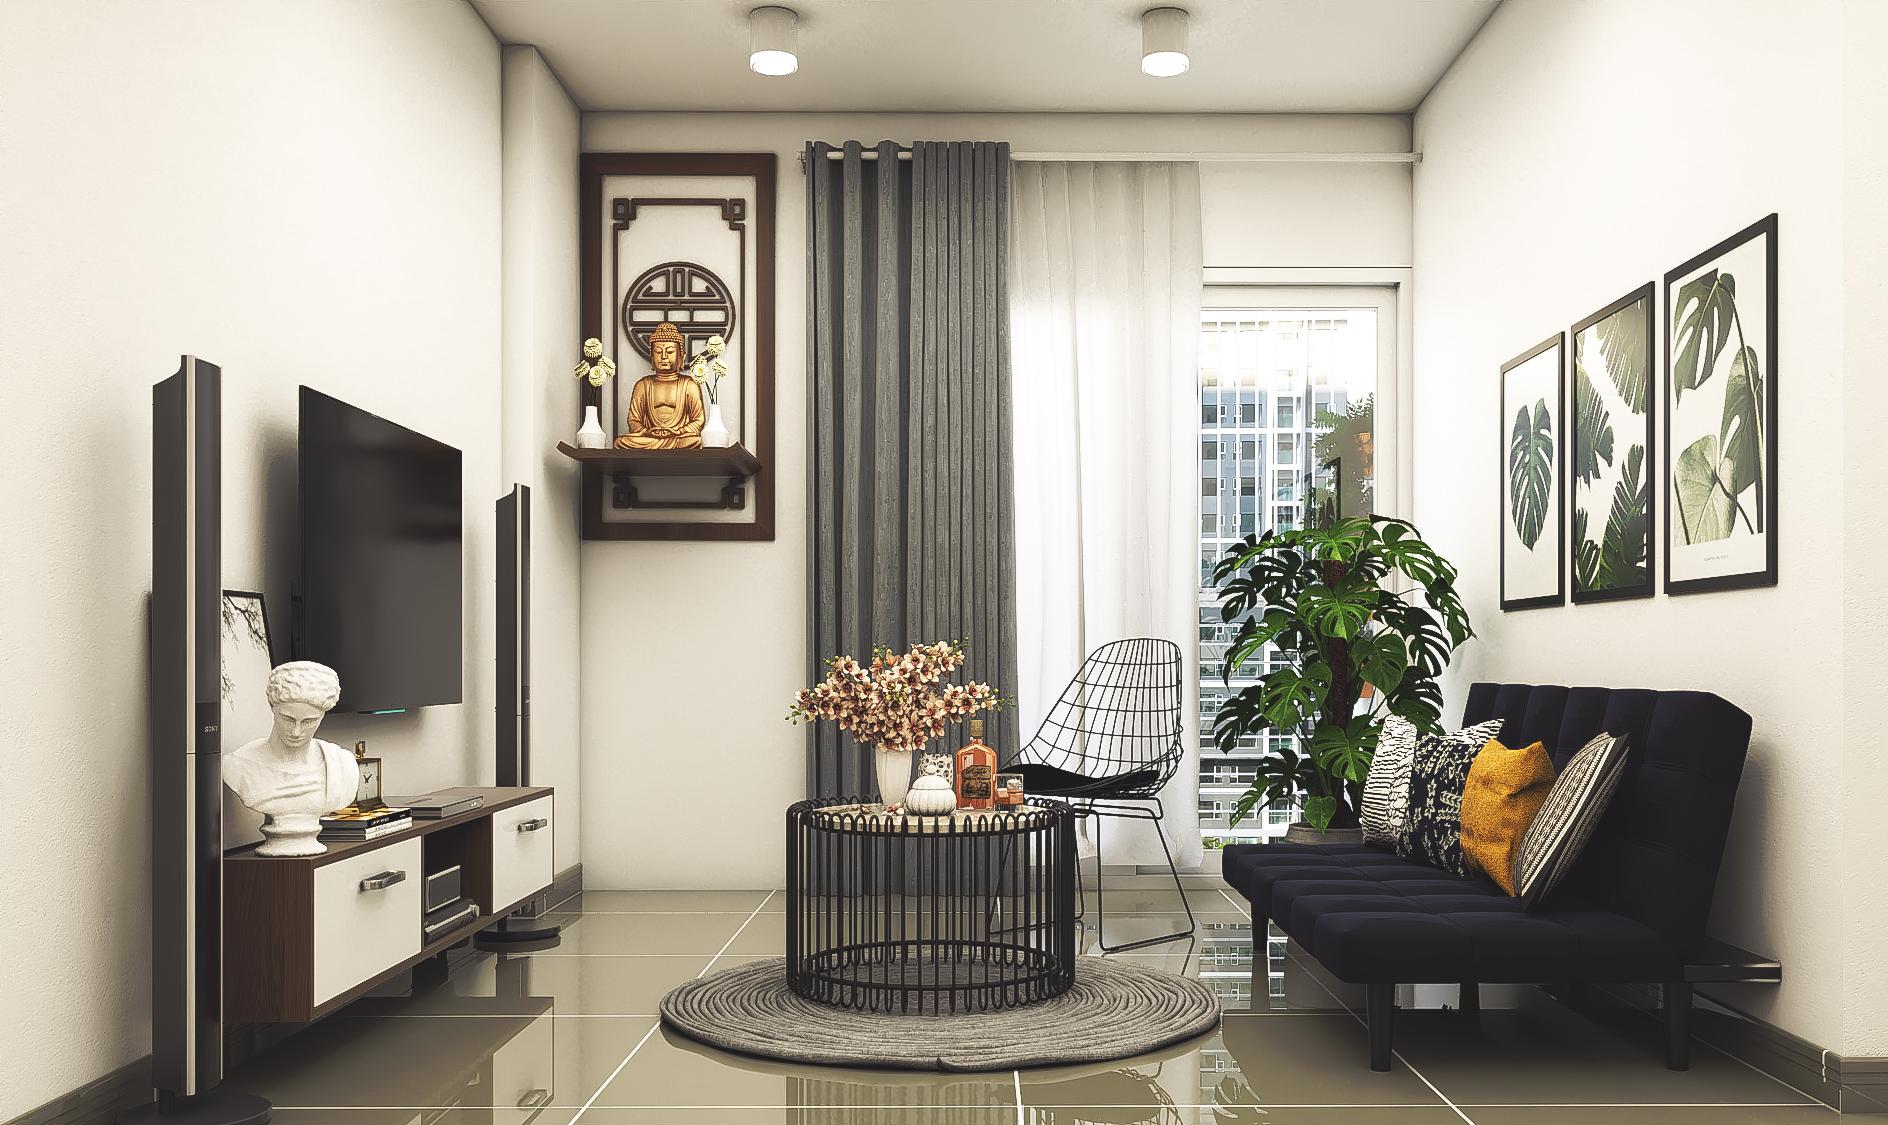 Thiết kế nội thất Chung Cư tại Hồ Chí Minh CĂN HỘ CHỊ TRÚC Q8 1576045382 19